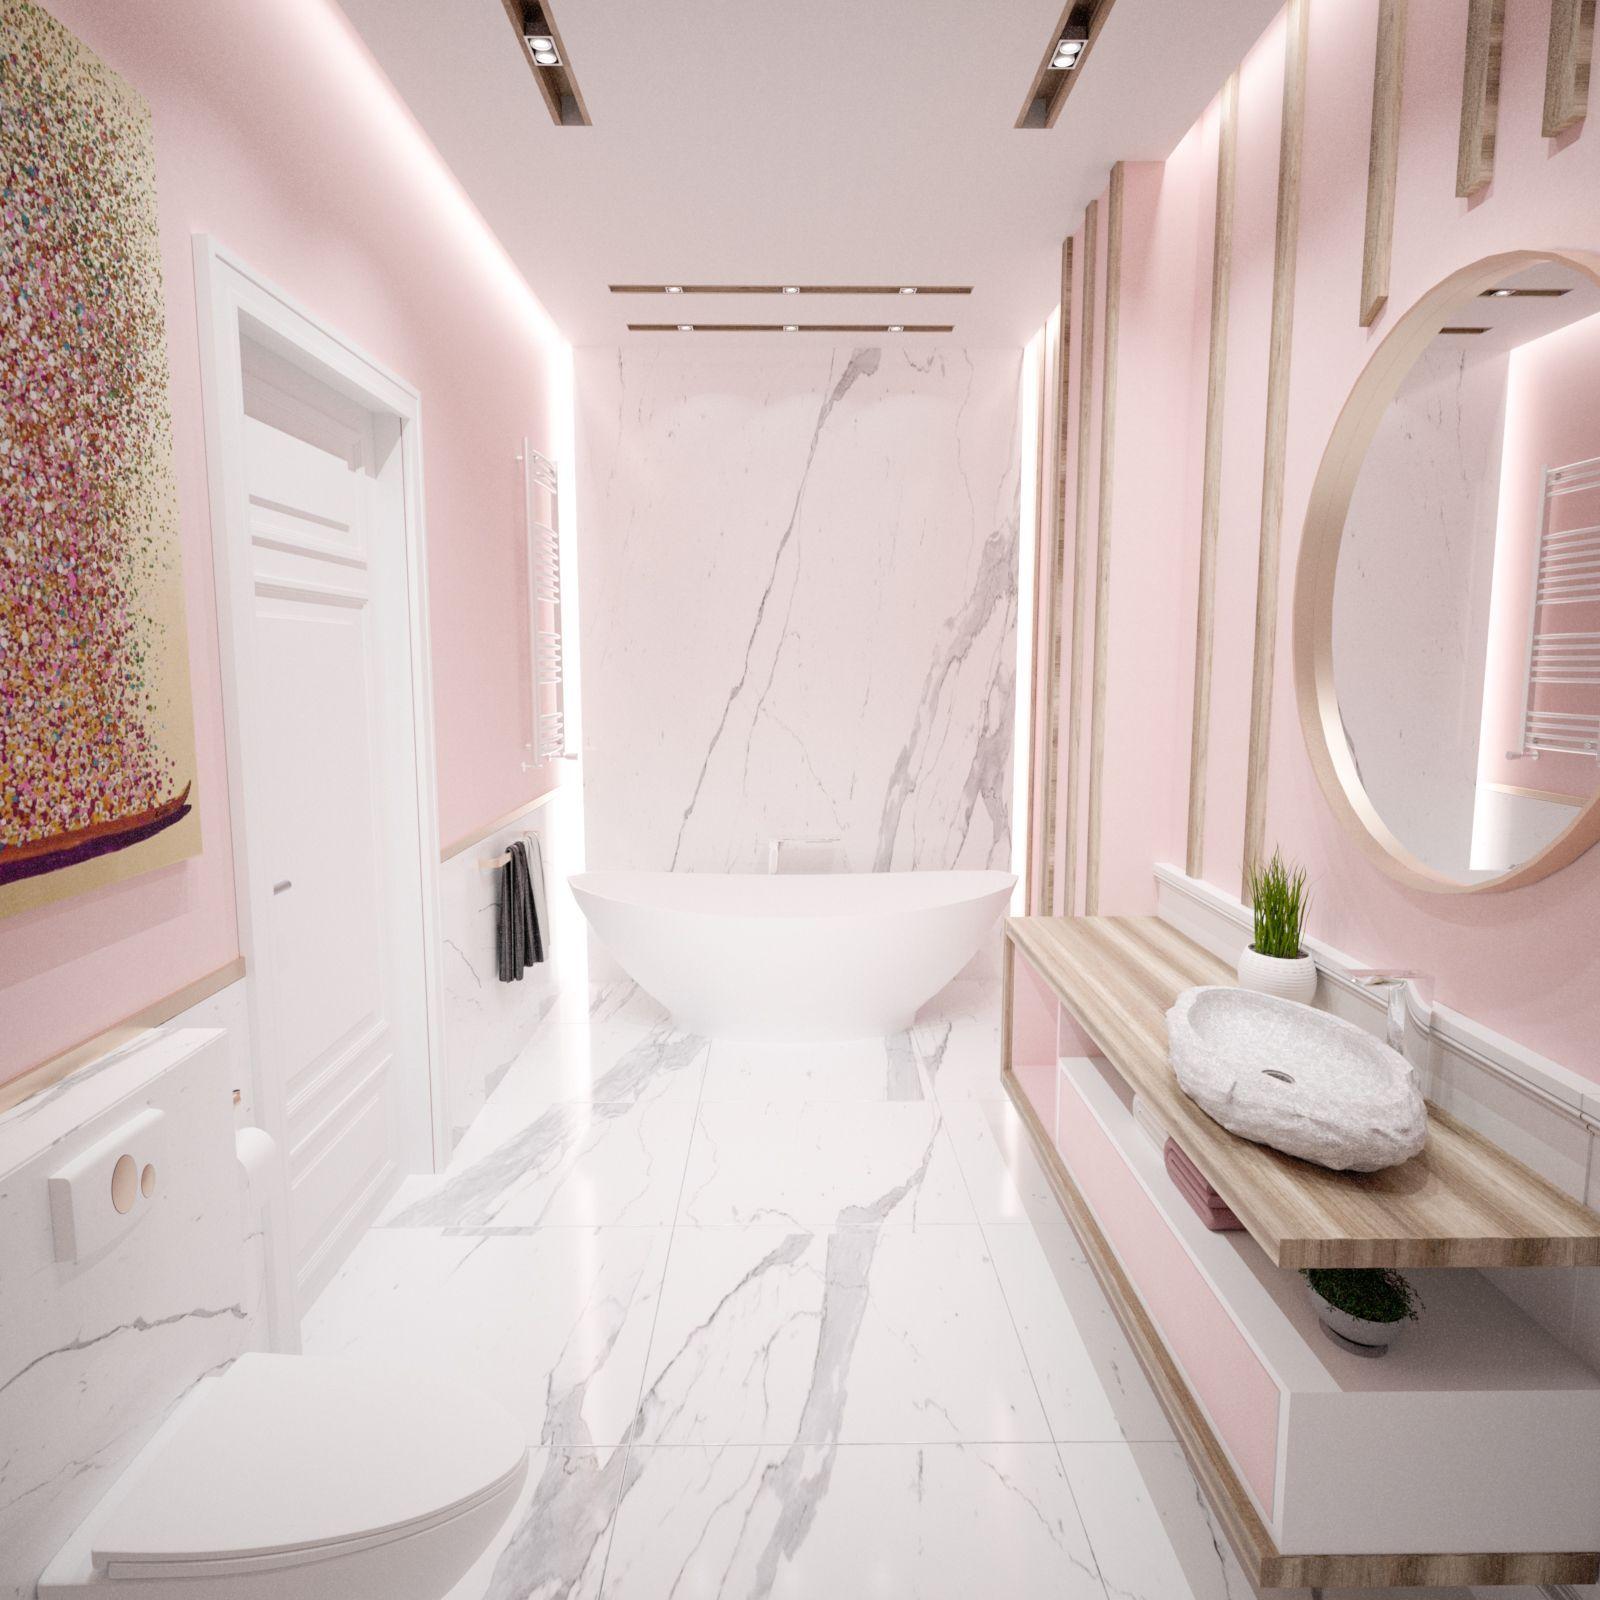 Makeup And Age Bathroom Interior Design Pink Bathroom Bathroom